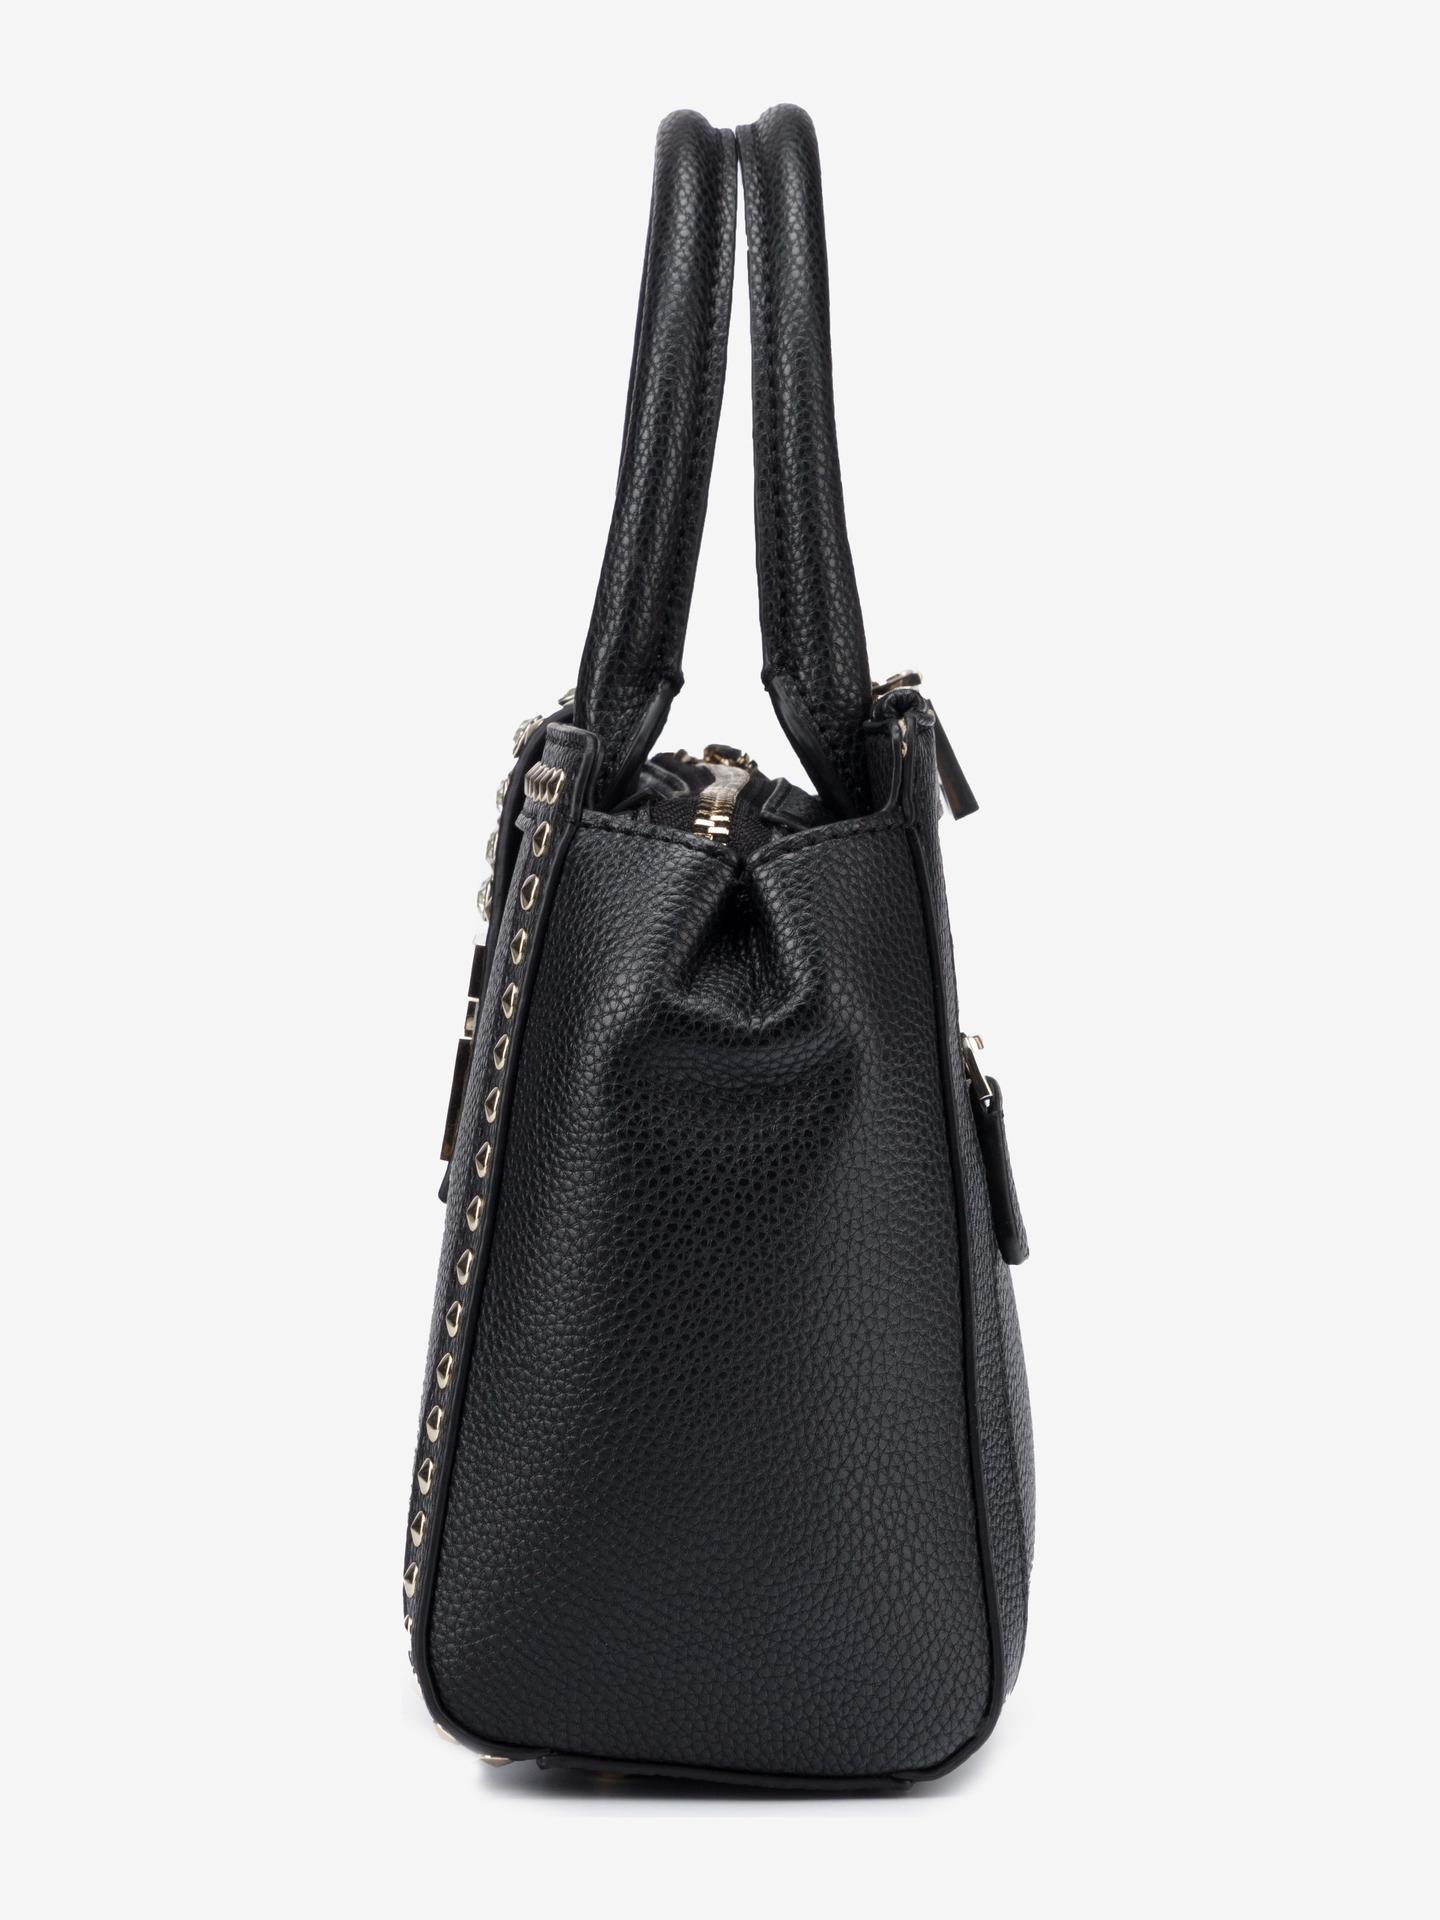 Guess black handbag Bling Society